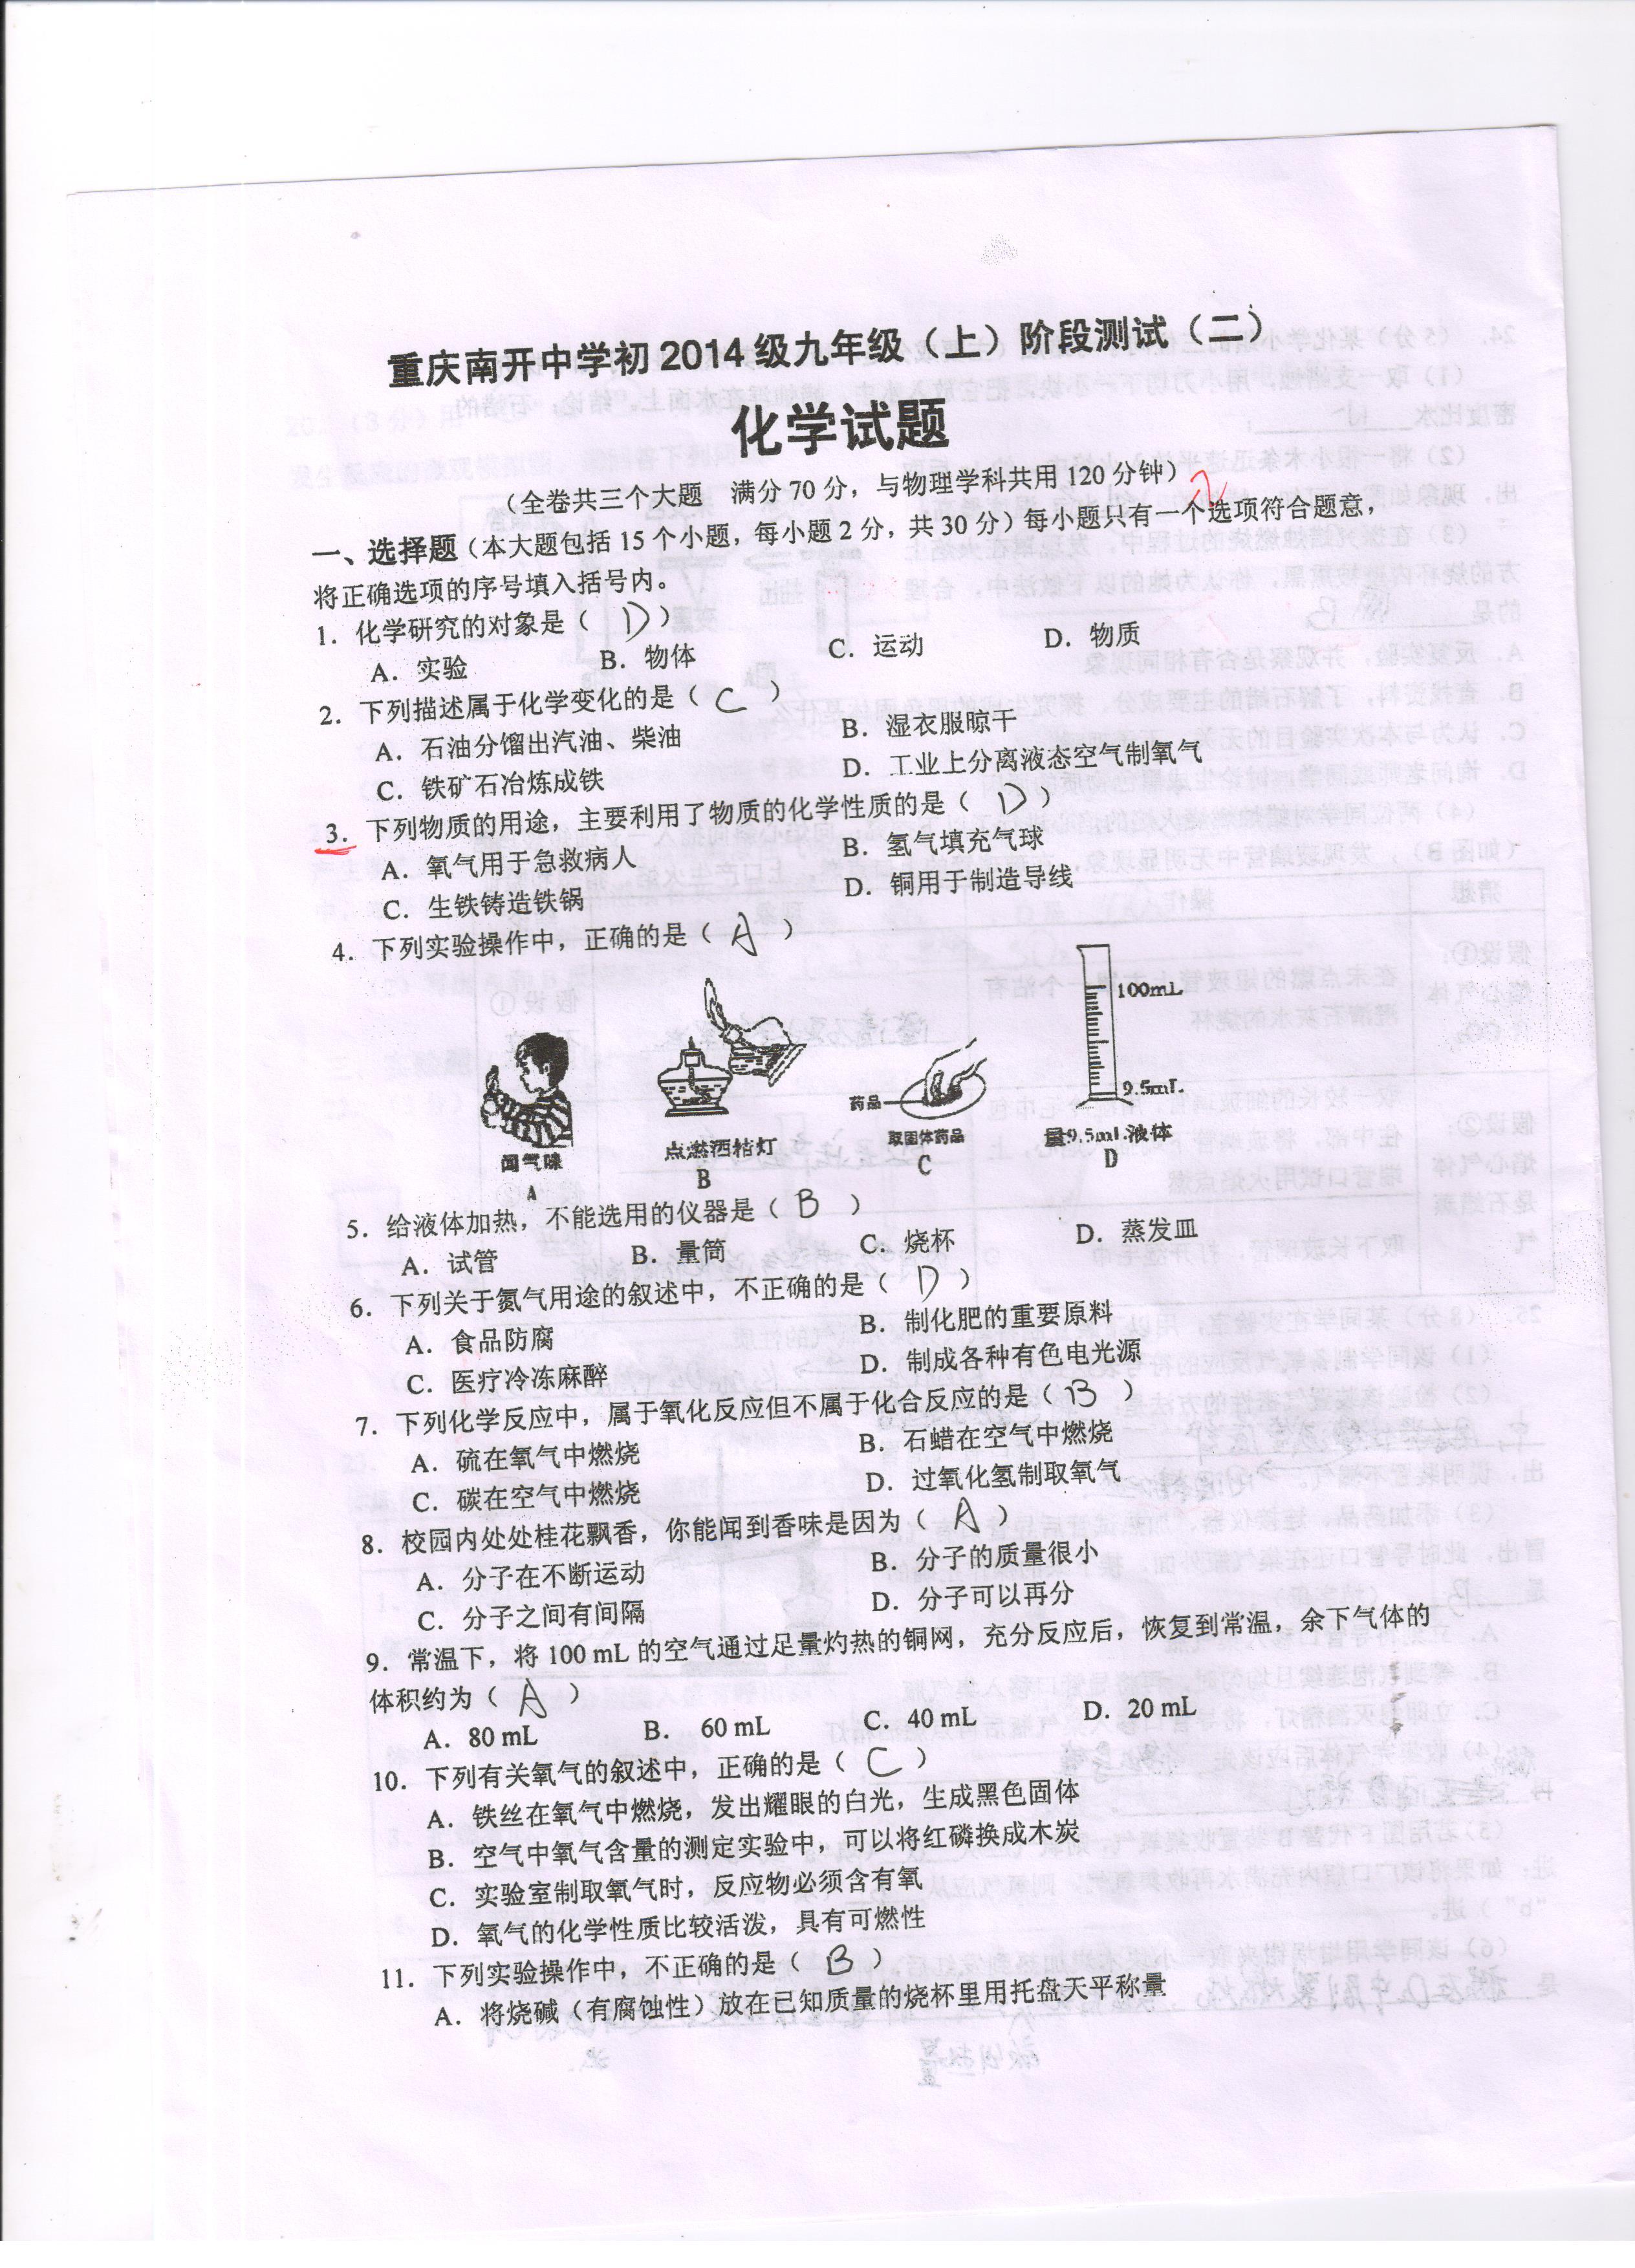 初三年级 月考试题 化学试题 >